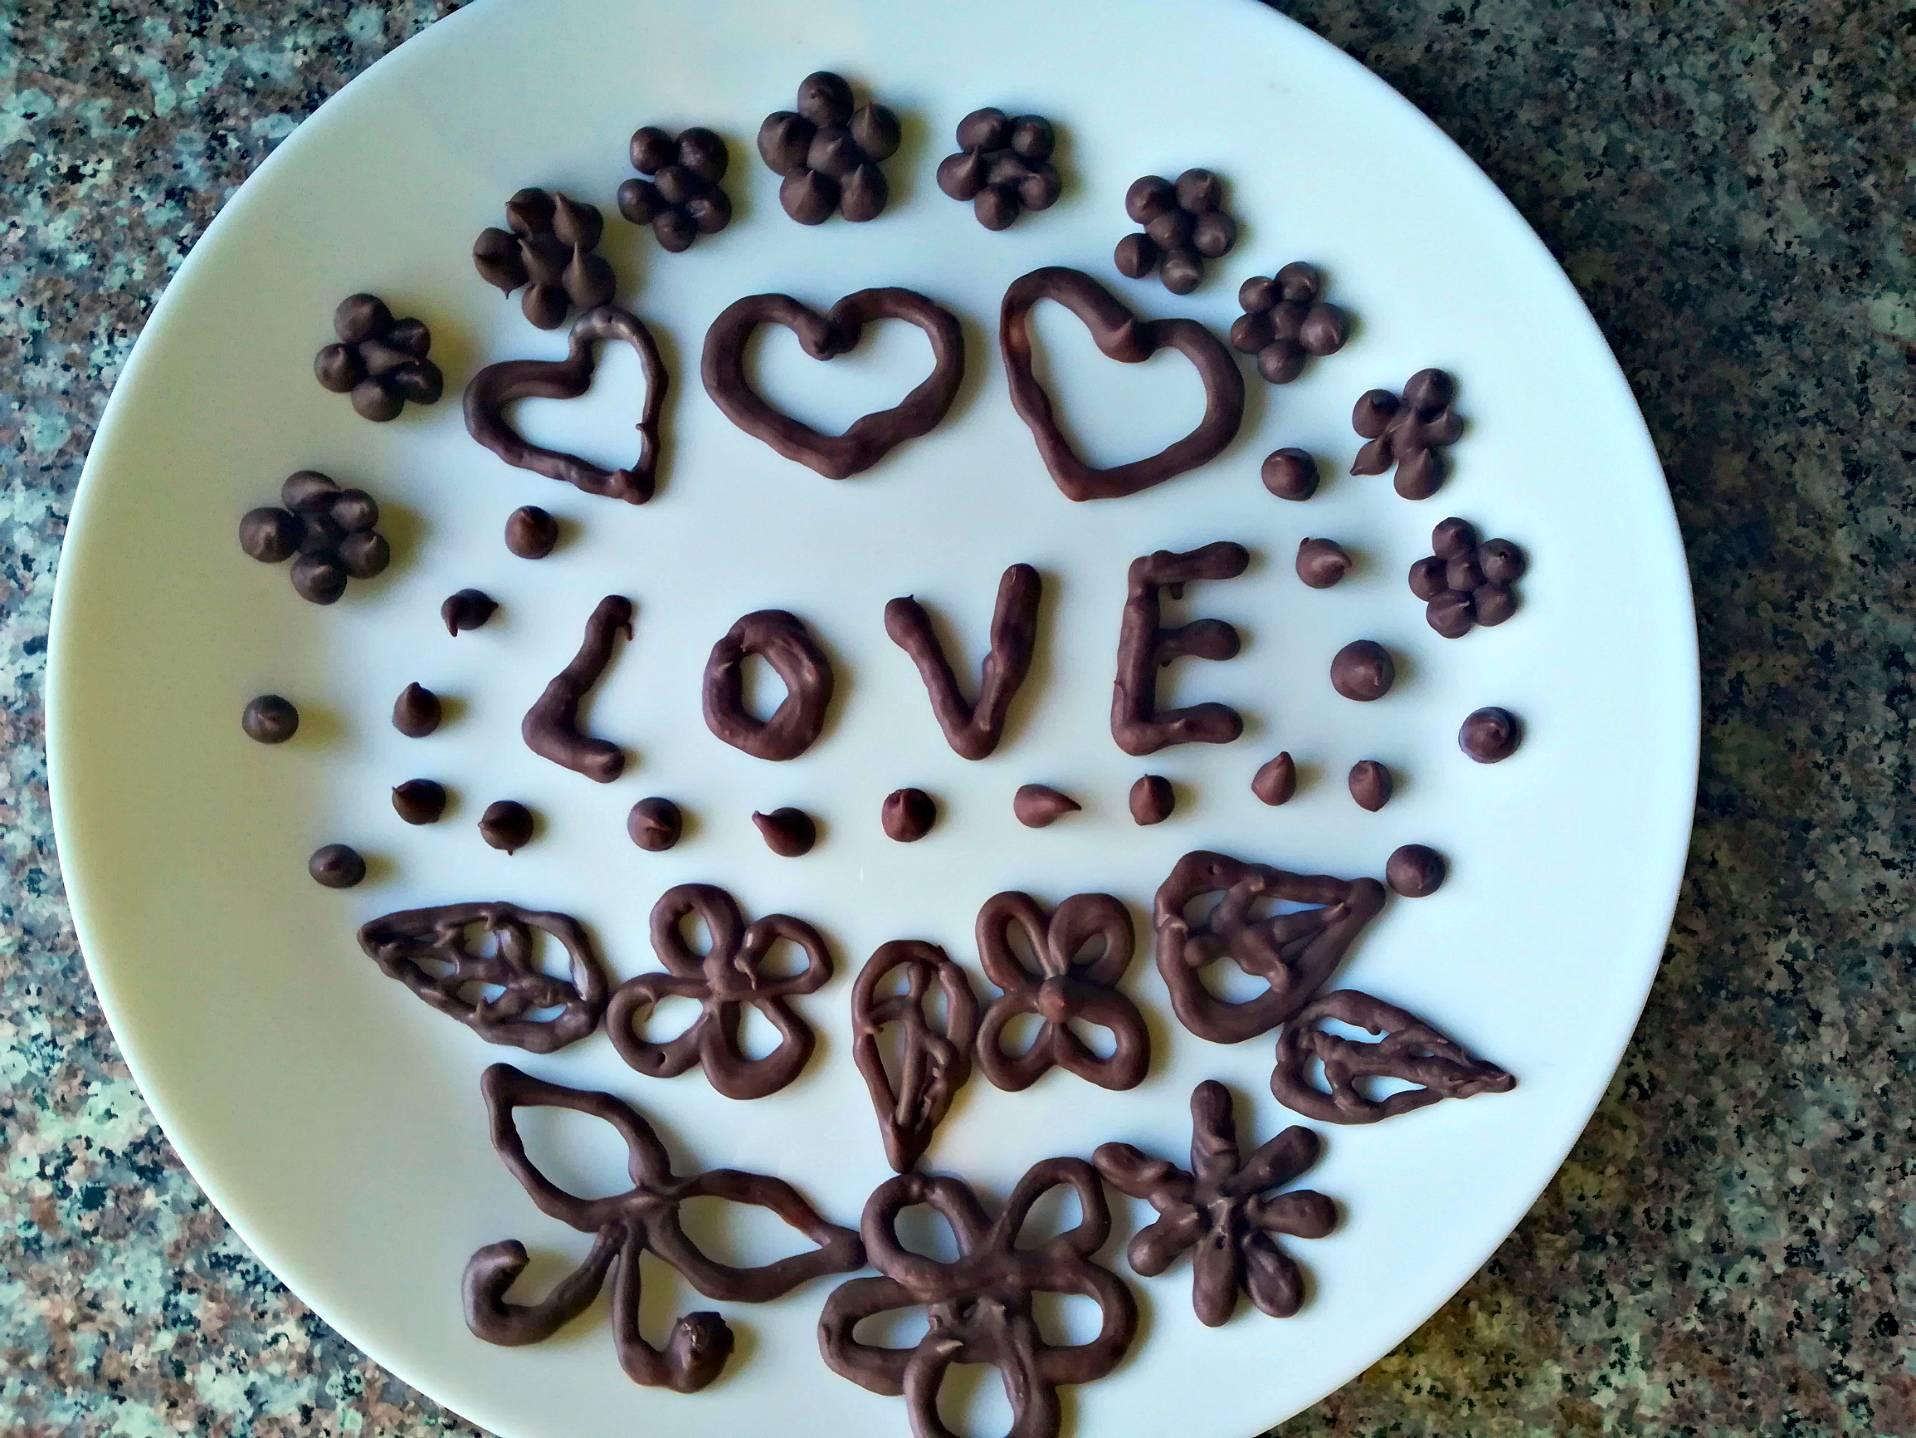 Глазурь из шоколада: рецепты, как сделать шоколадную глазурь для торта, фото и видео